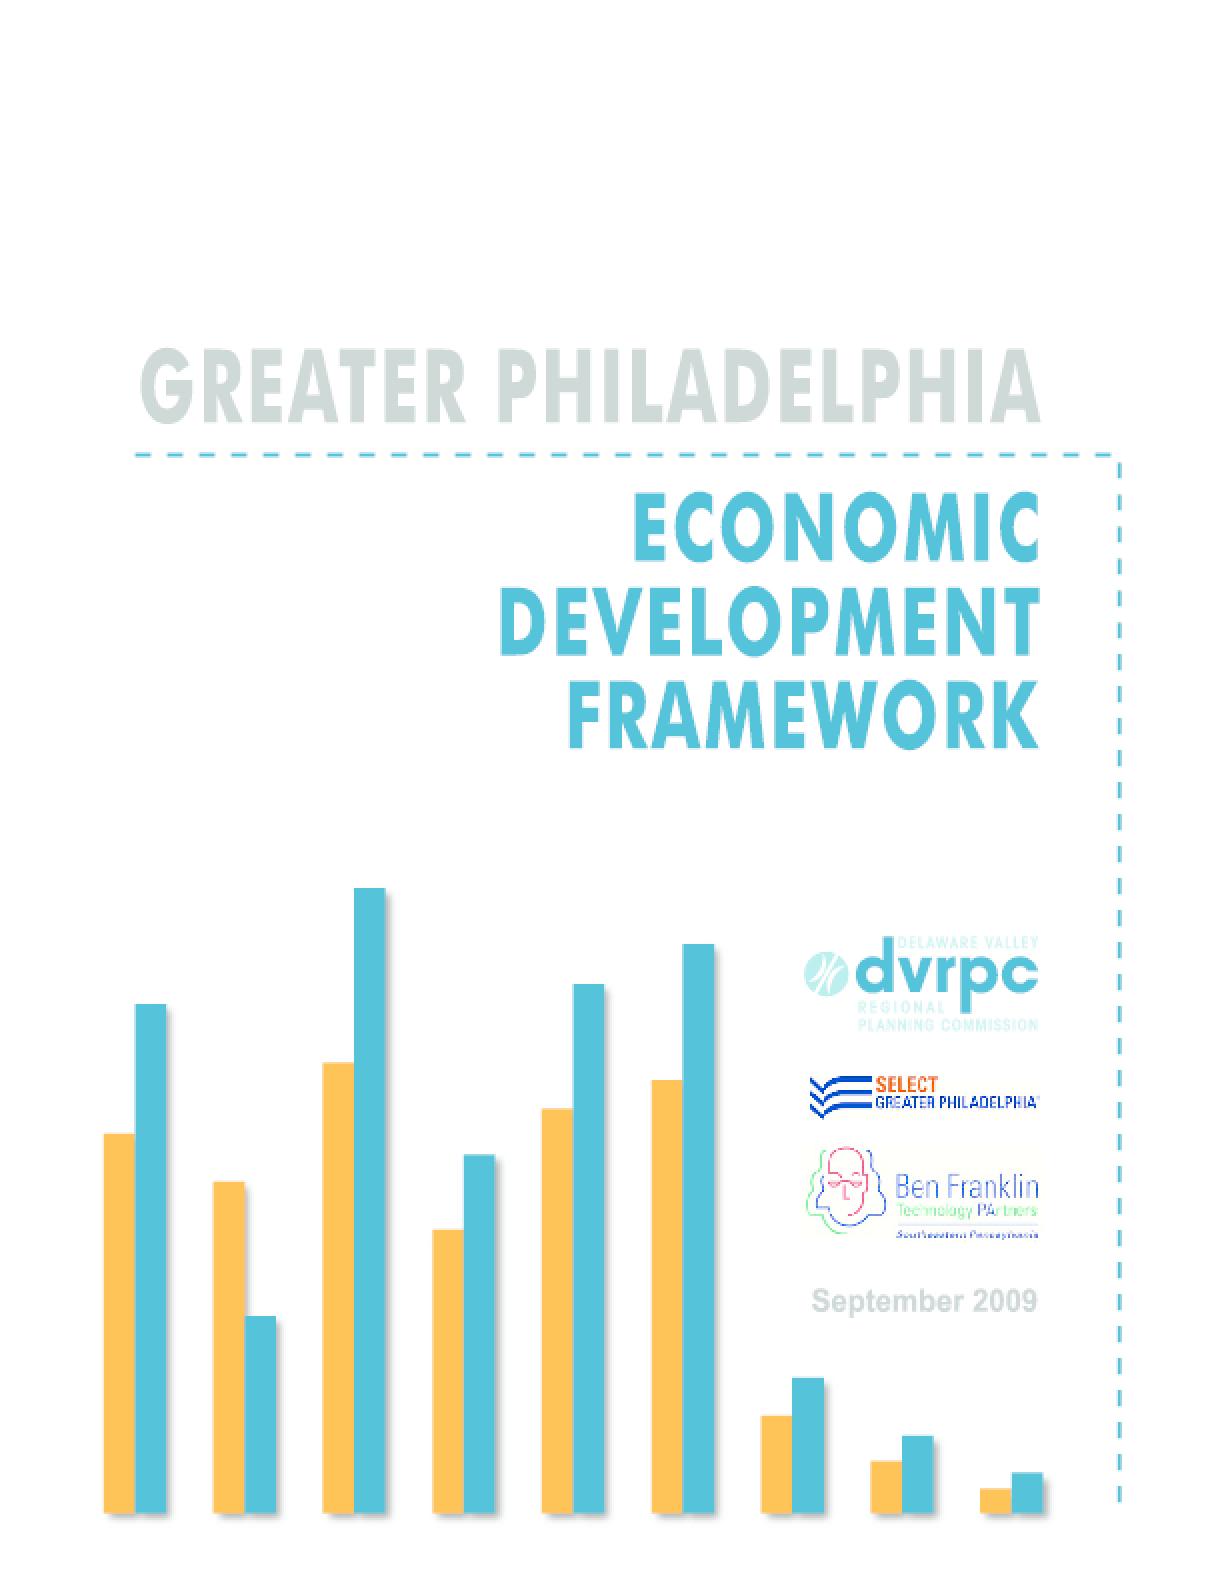 Greater Philadelphia Economic Development Framework